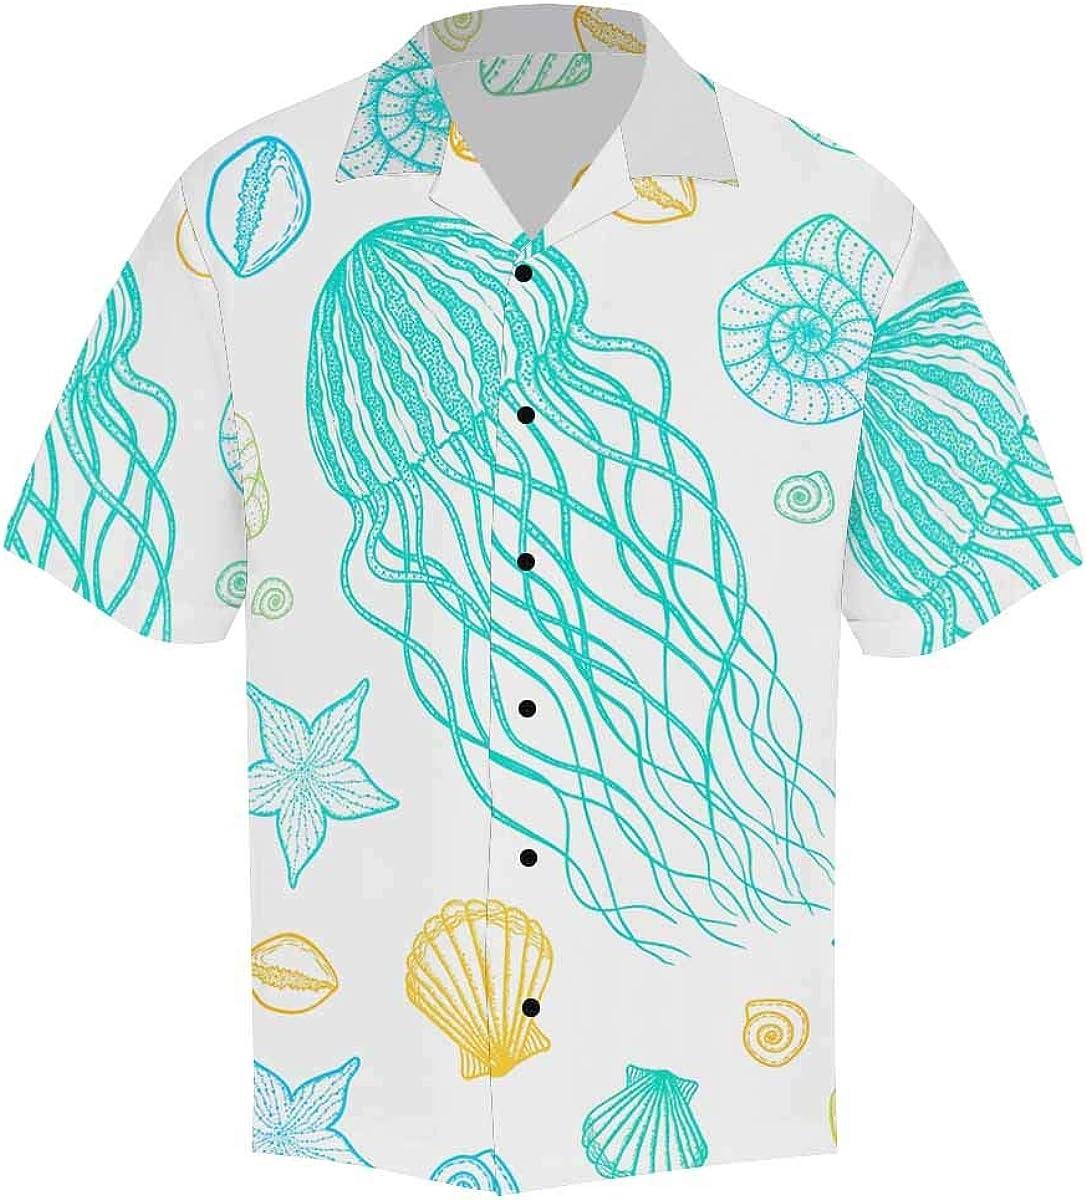 InterestPrint Men's Casual Button Down Short Sleeve Blue Cute Cloud Hawaiian Shirt (S-5XL)